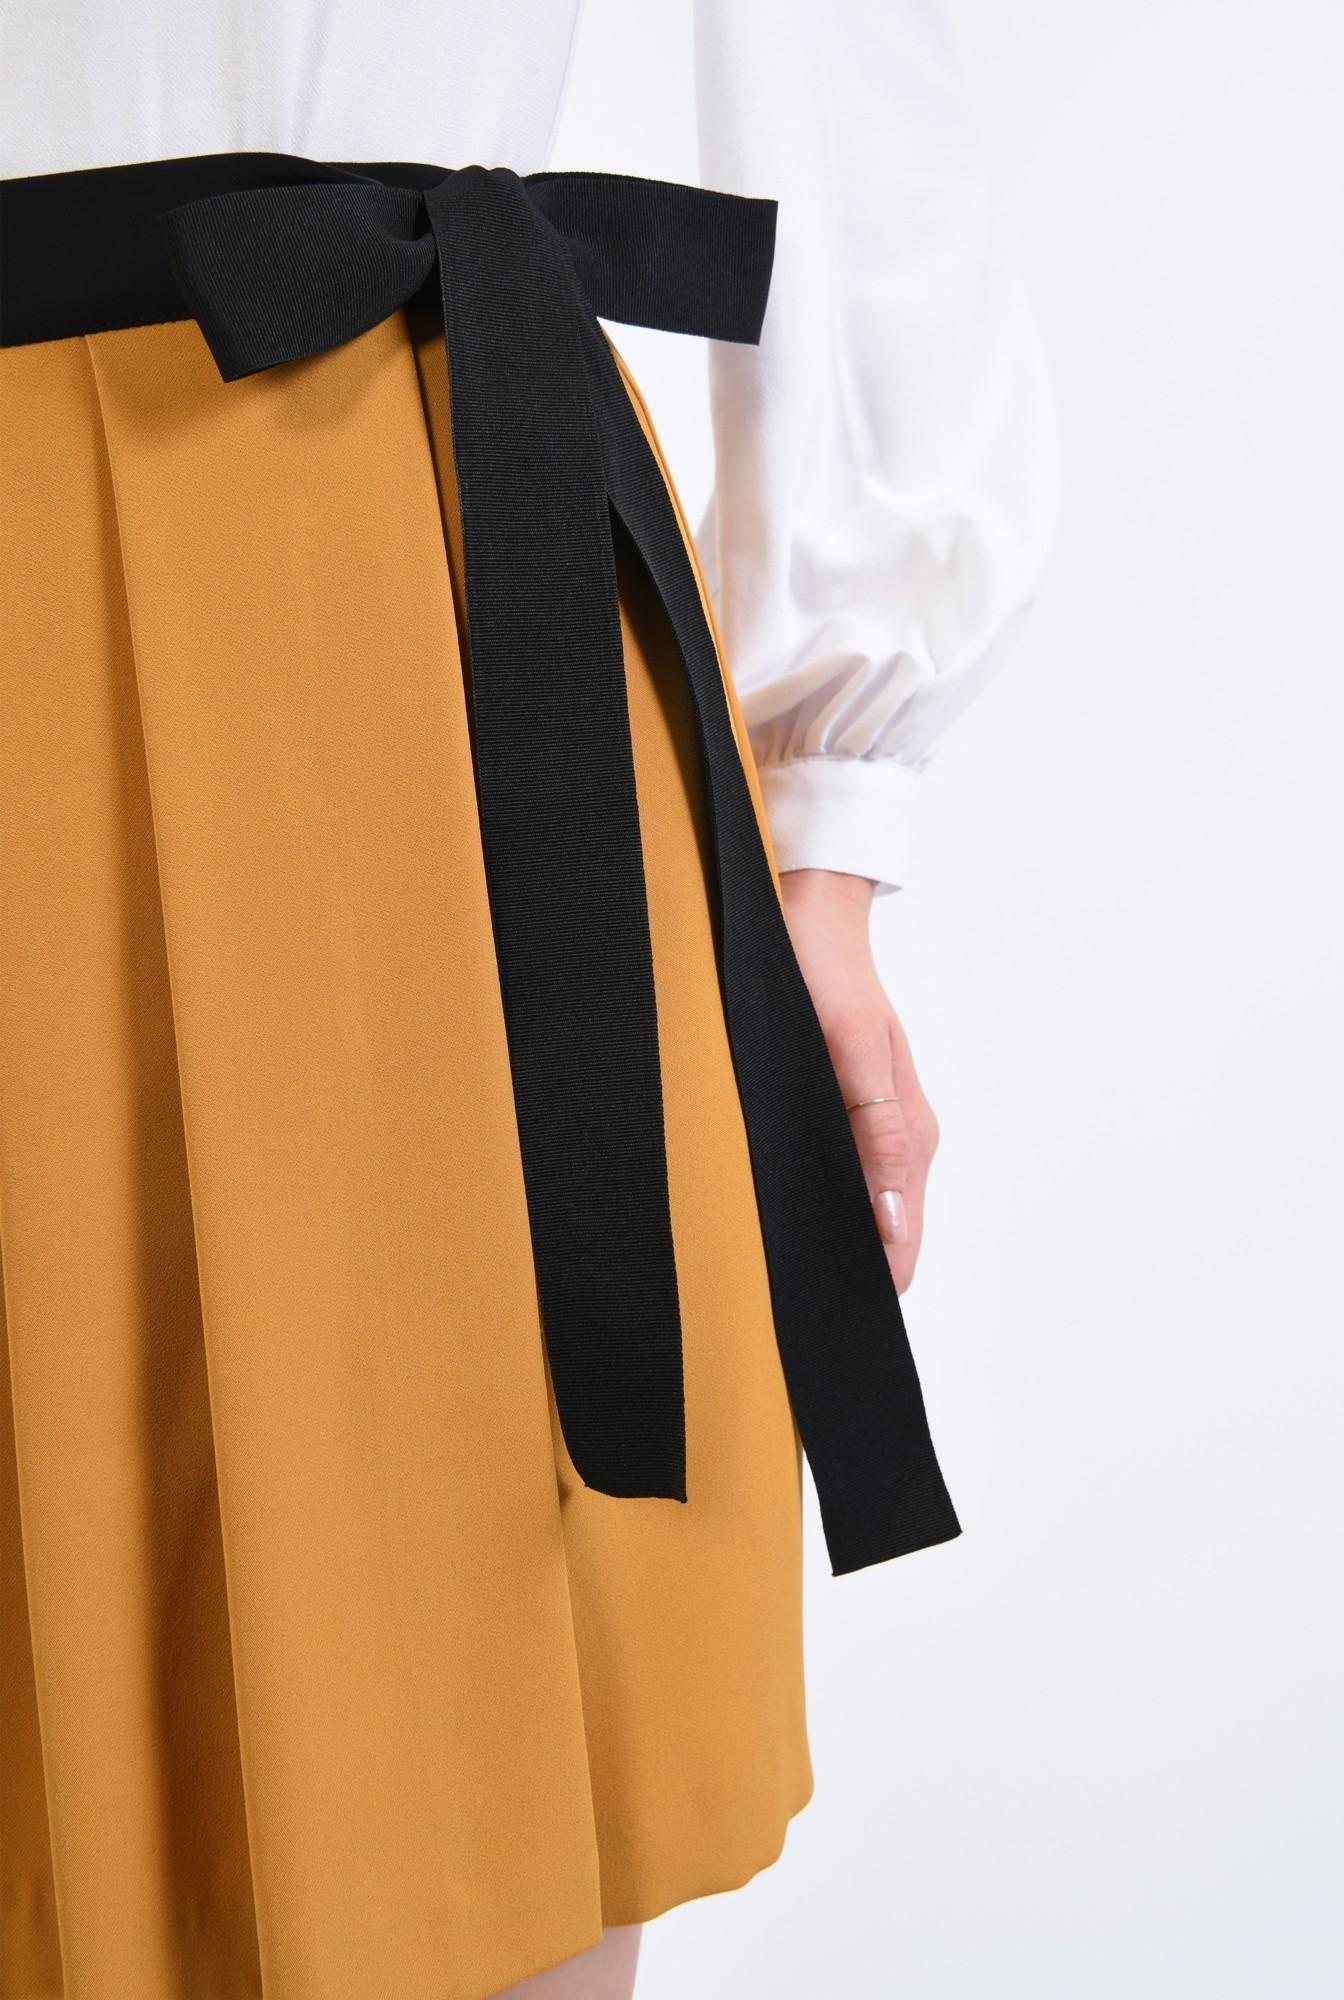 2 - fusta scurta, casual, mustar, cu pliseuri, parte peste parte